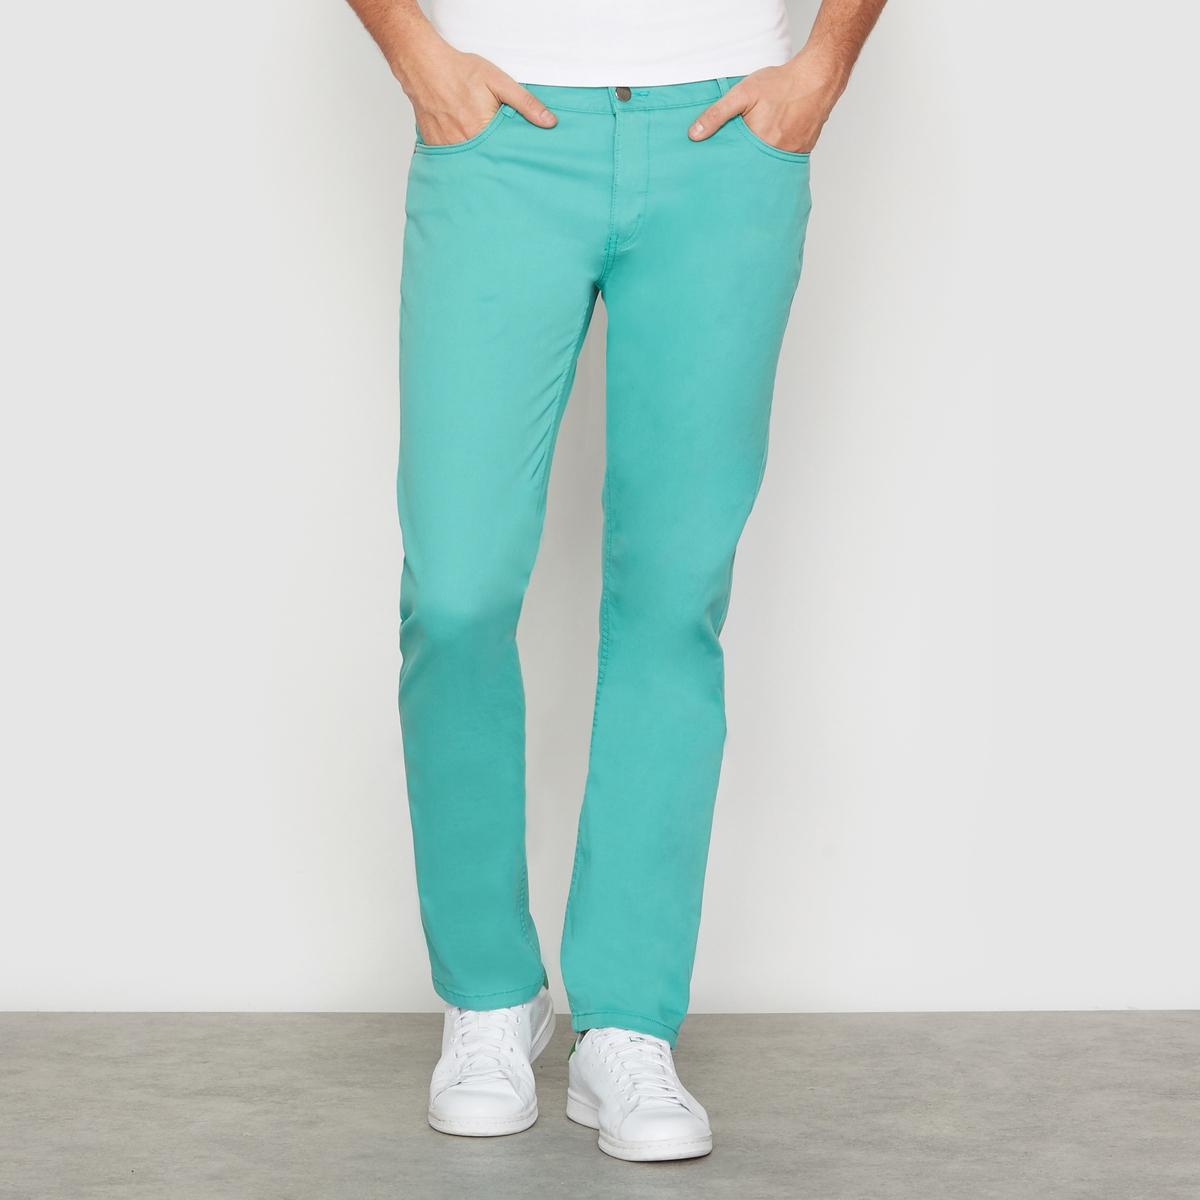 Брюки зауженные с 5 карманамиБрюки из ткани стретч, 98% хлопка, 2% эластана. 5 карманов. Зауженный крой (облегающий). Застежка на молнию. Длина по внутреннему шву 86 см. Ширина по низу 18,5 см.<br><br>Цвет: зеленый<br>Размер: 44 (FR) - 50 (RUS)